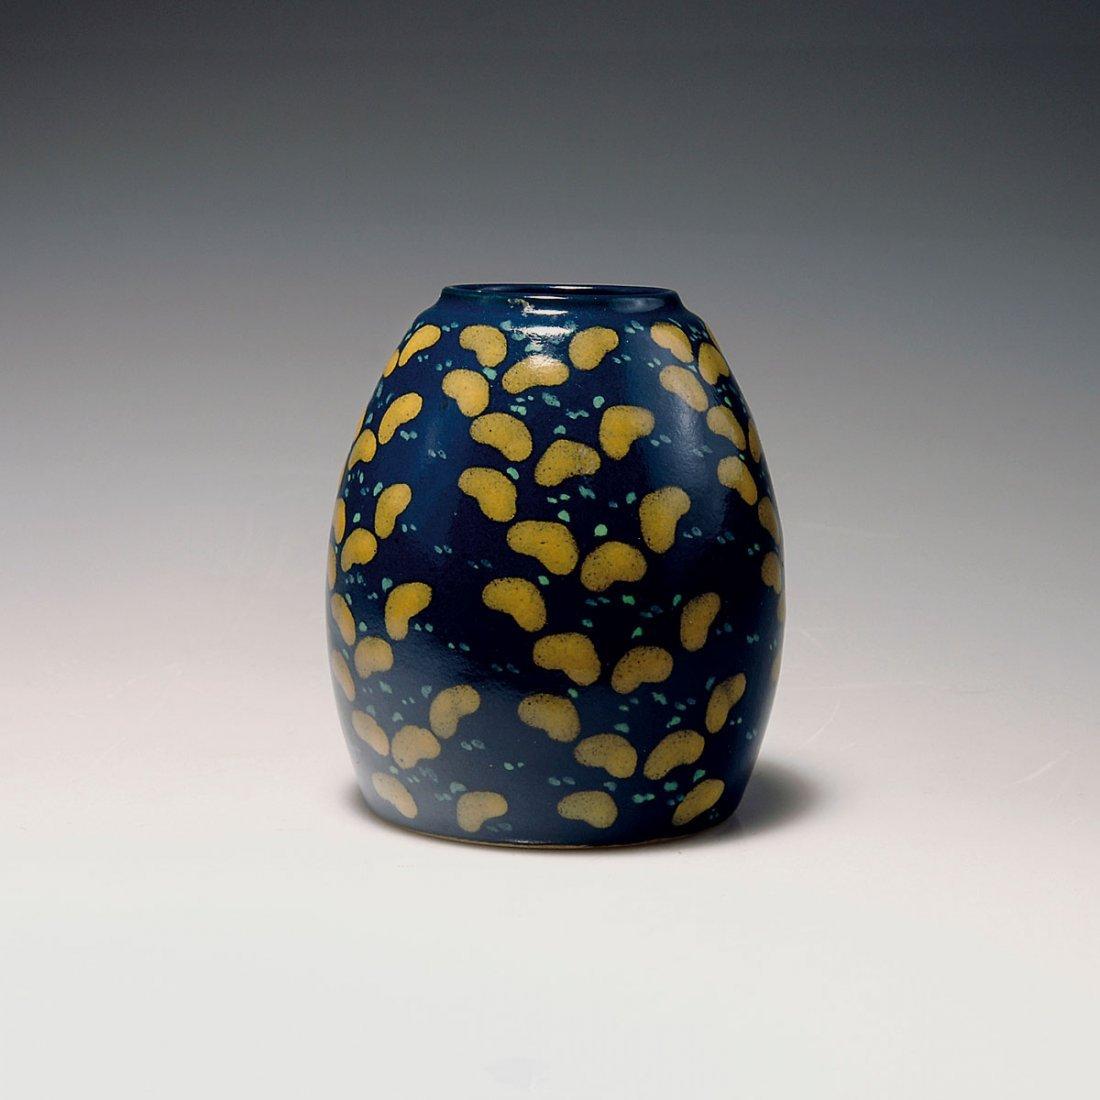 529: Small vase, c1912